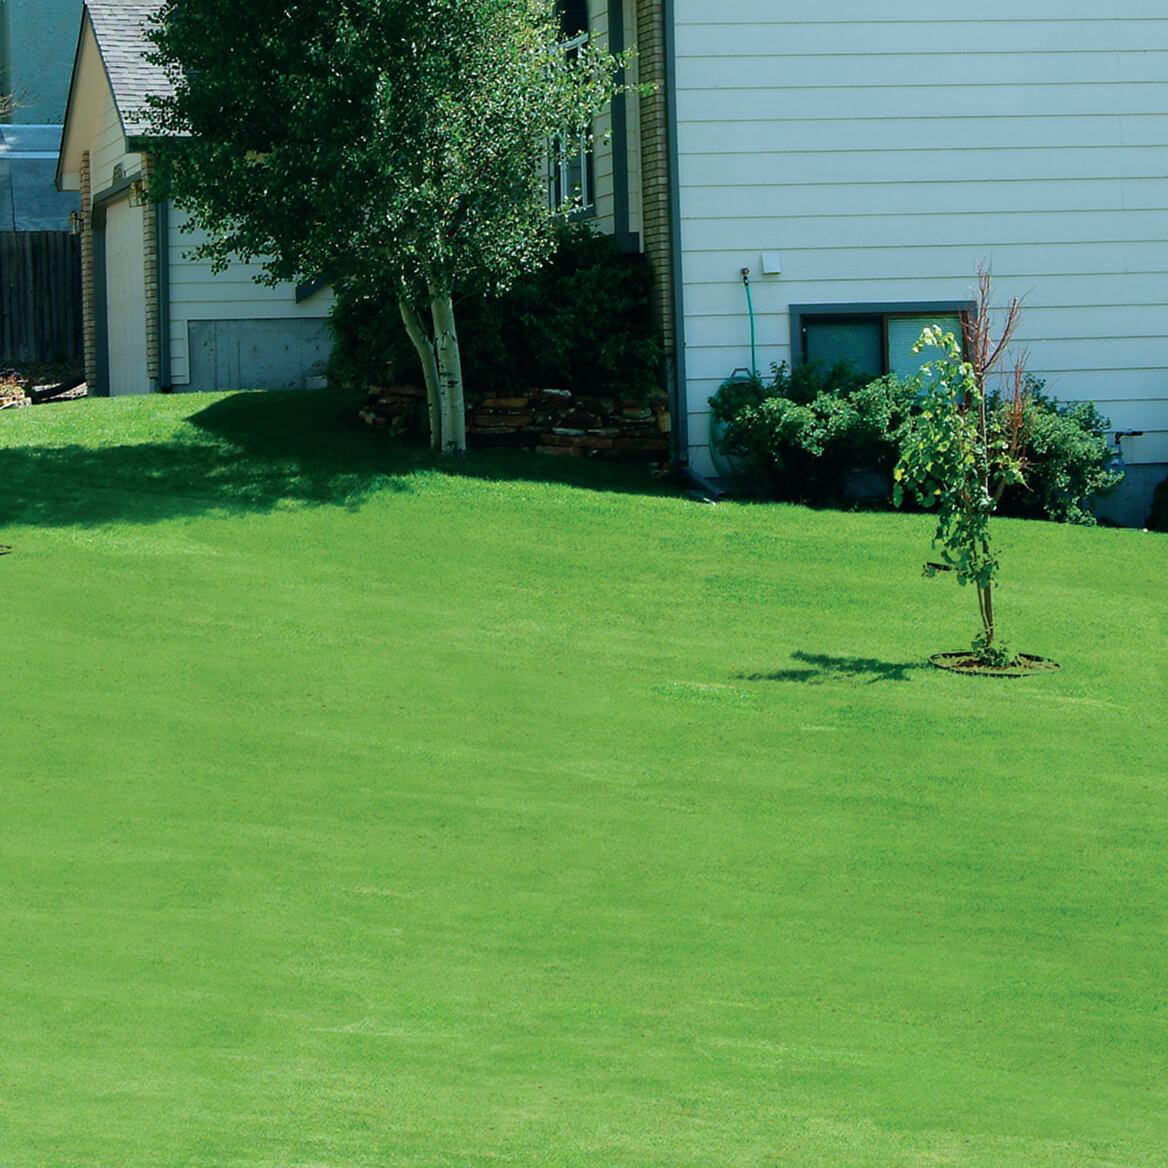 Fullsize Of Canada Green Grass